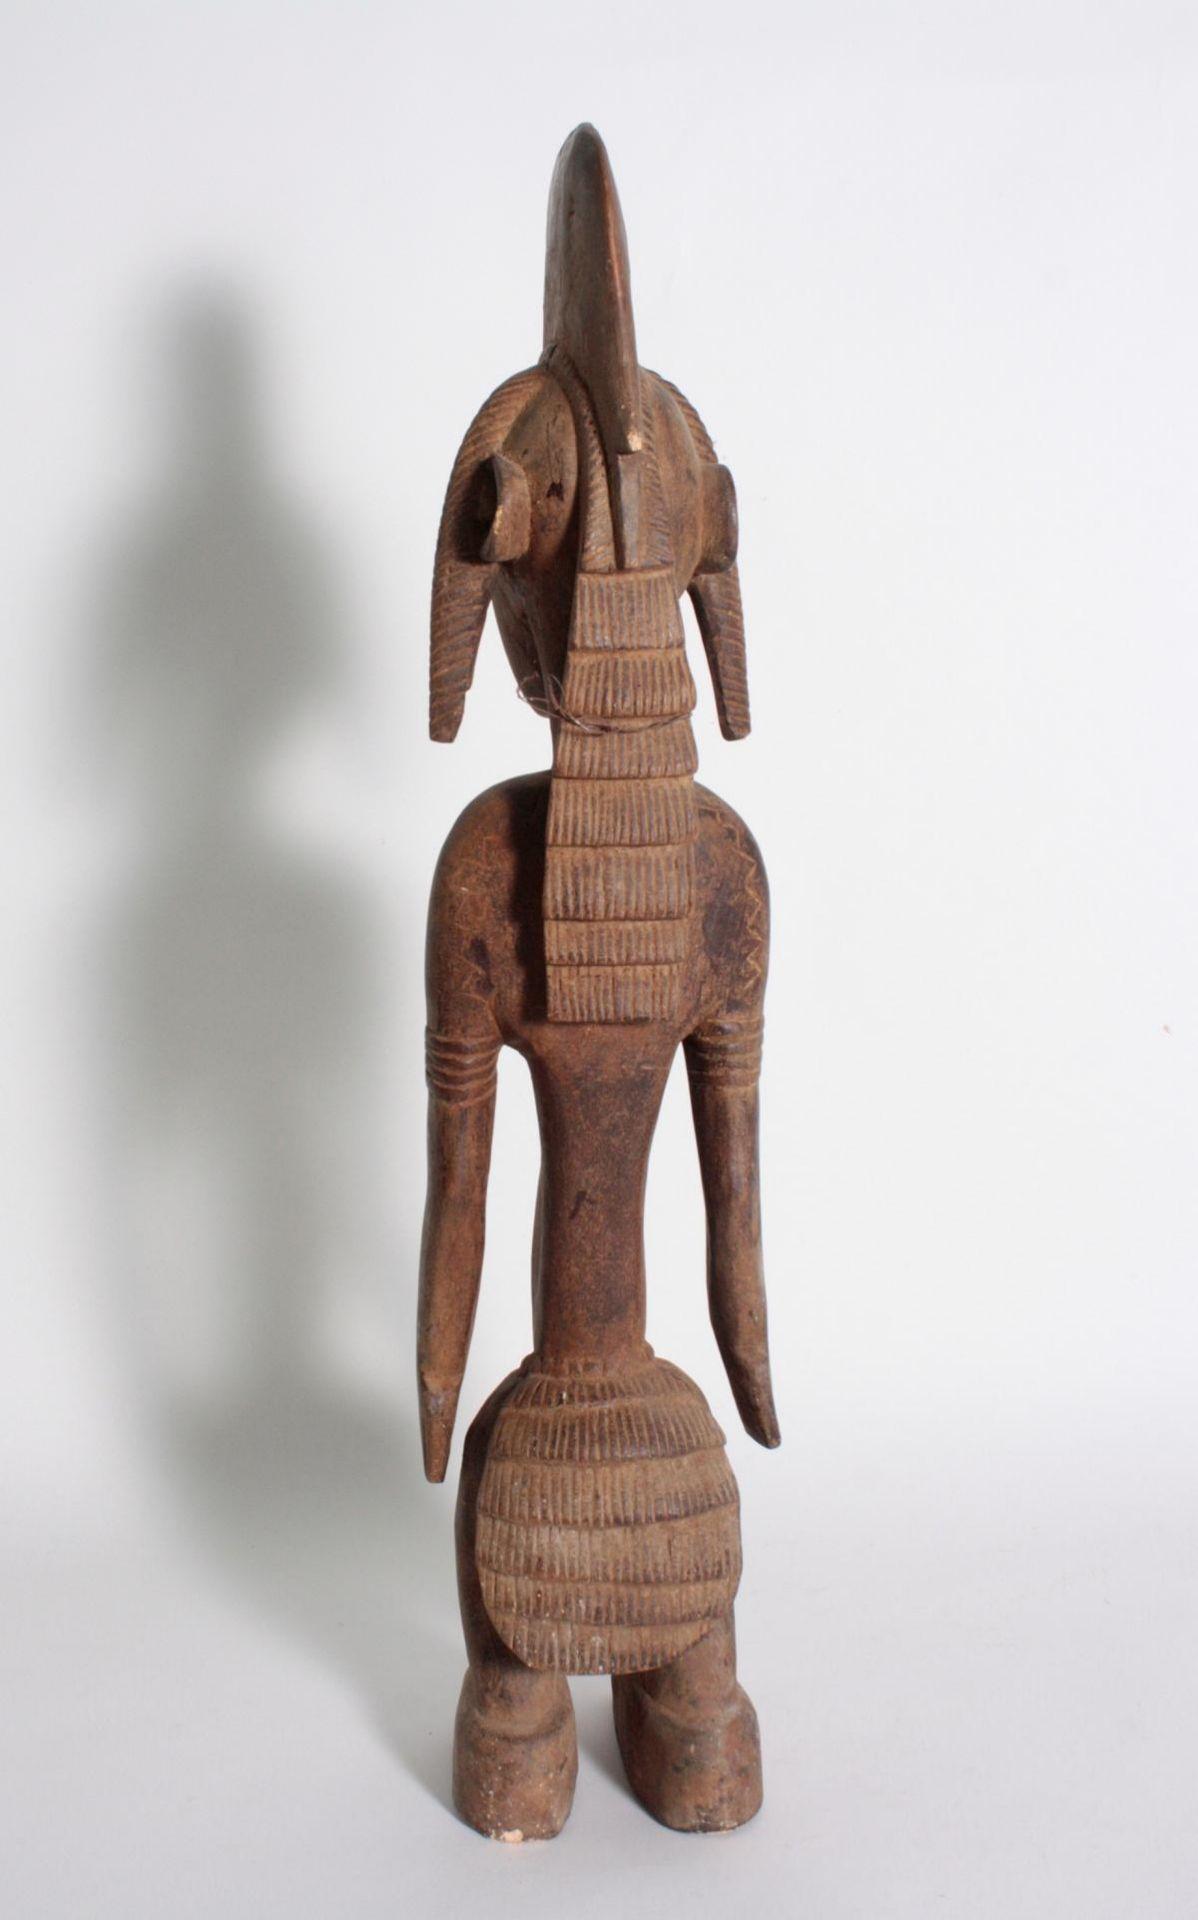 Stehende Frauenfigur, Senufo/Elfenbeinküste, 1. Hälfte 20. Jh.Bräunliches Holz. Stehende Frauenfigur - Bild 4 aus 6